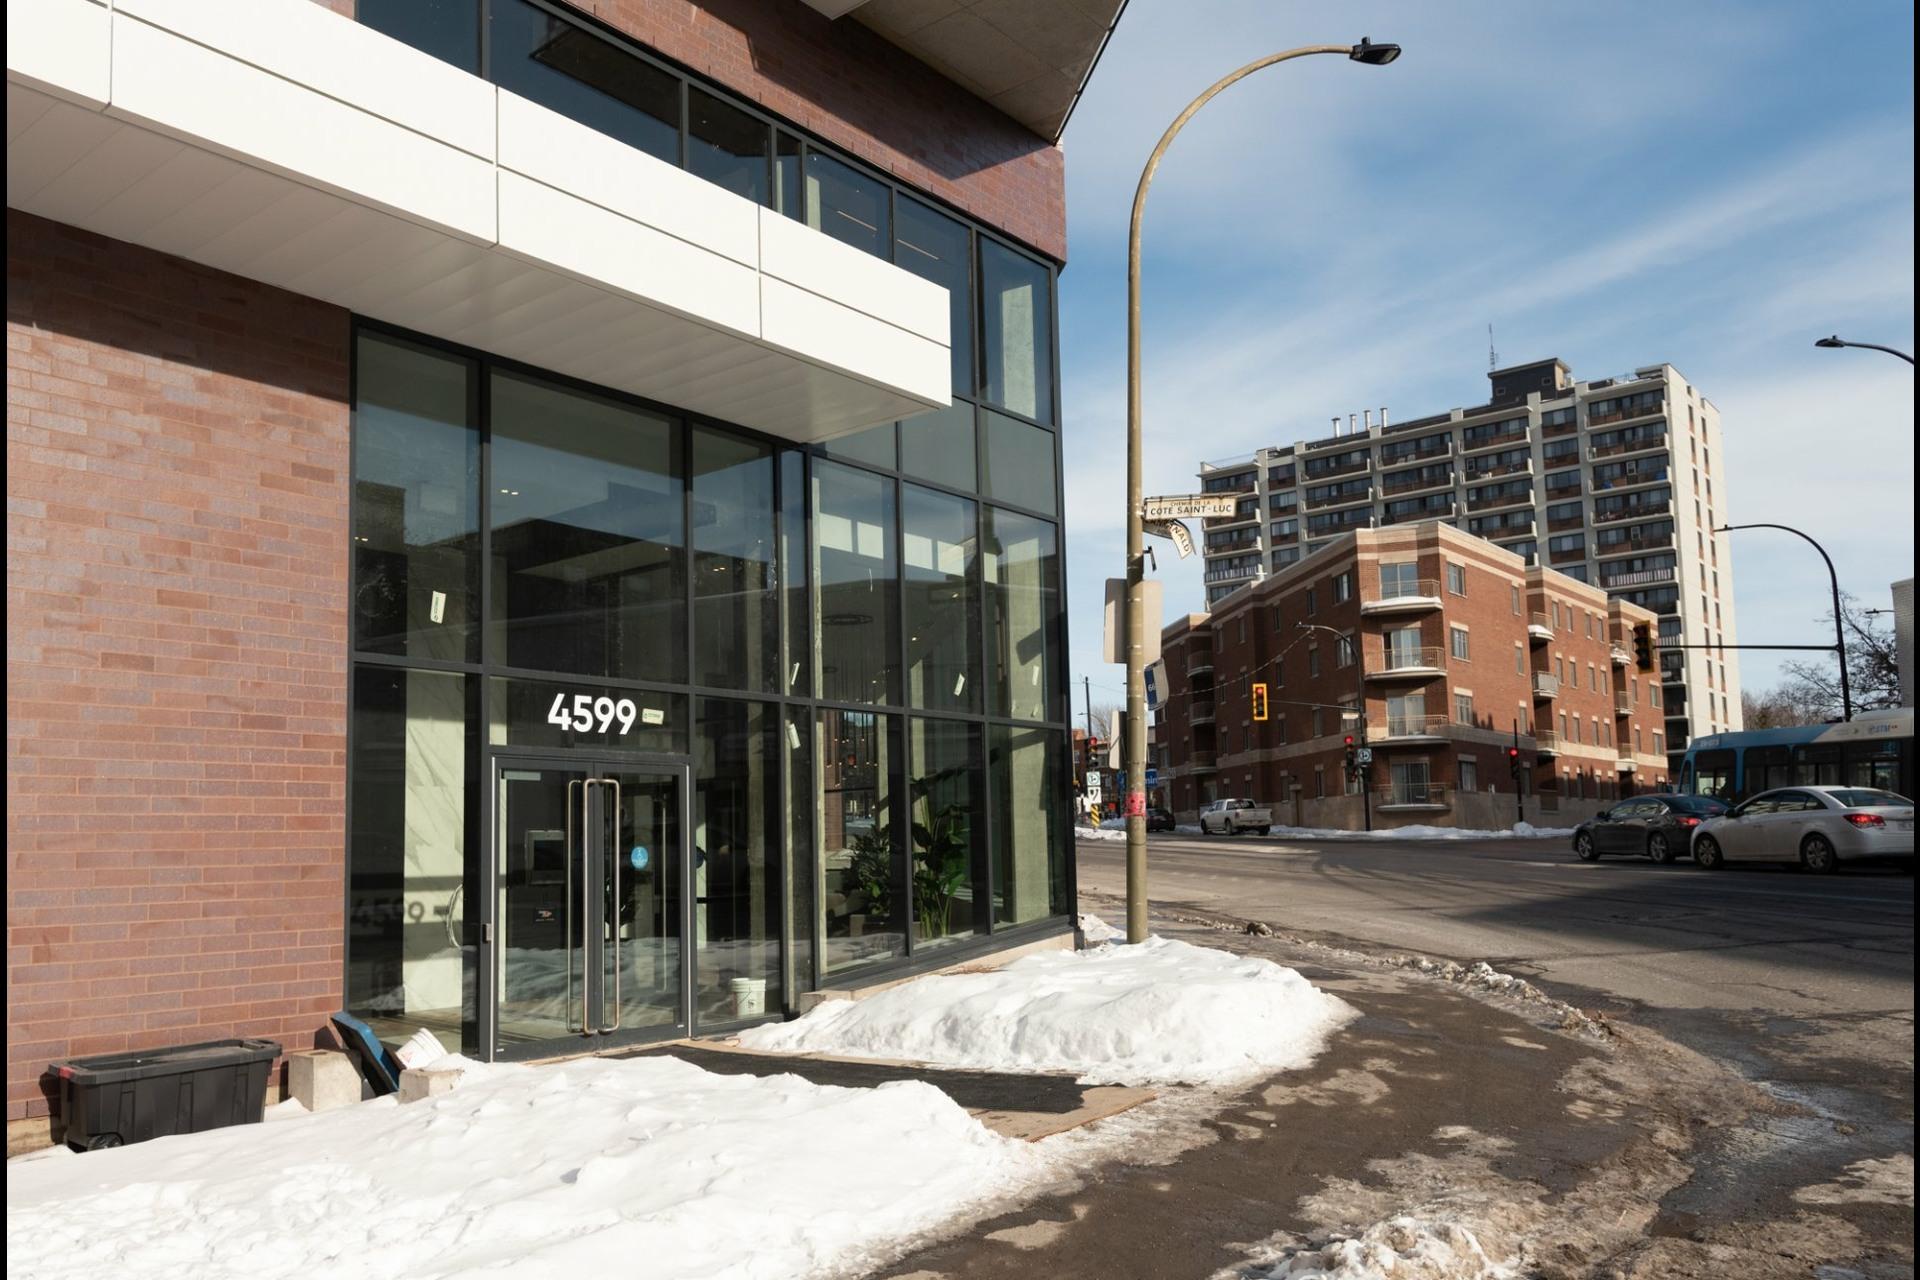 image 34 - Appartement À louer Côte-des-Neiges/Notre-Dame-de-Grâce Montréal  - 5 pièces